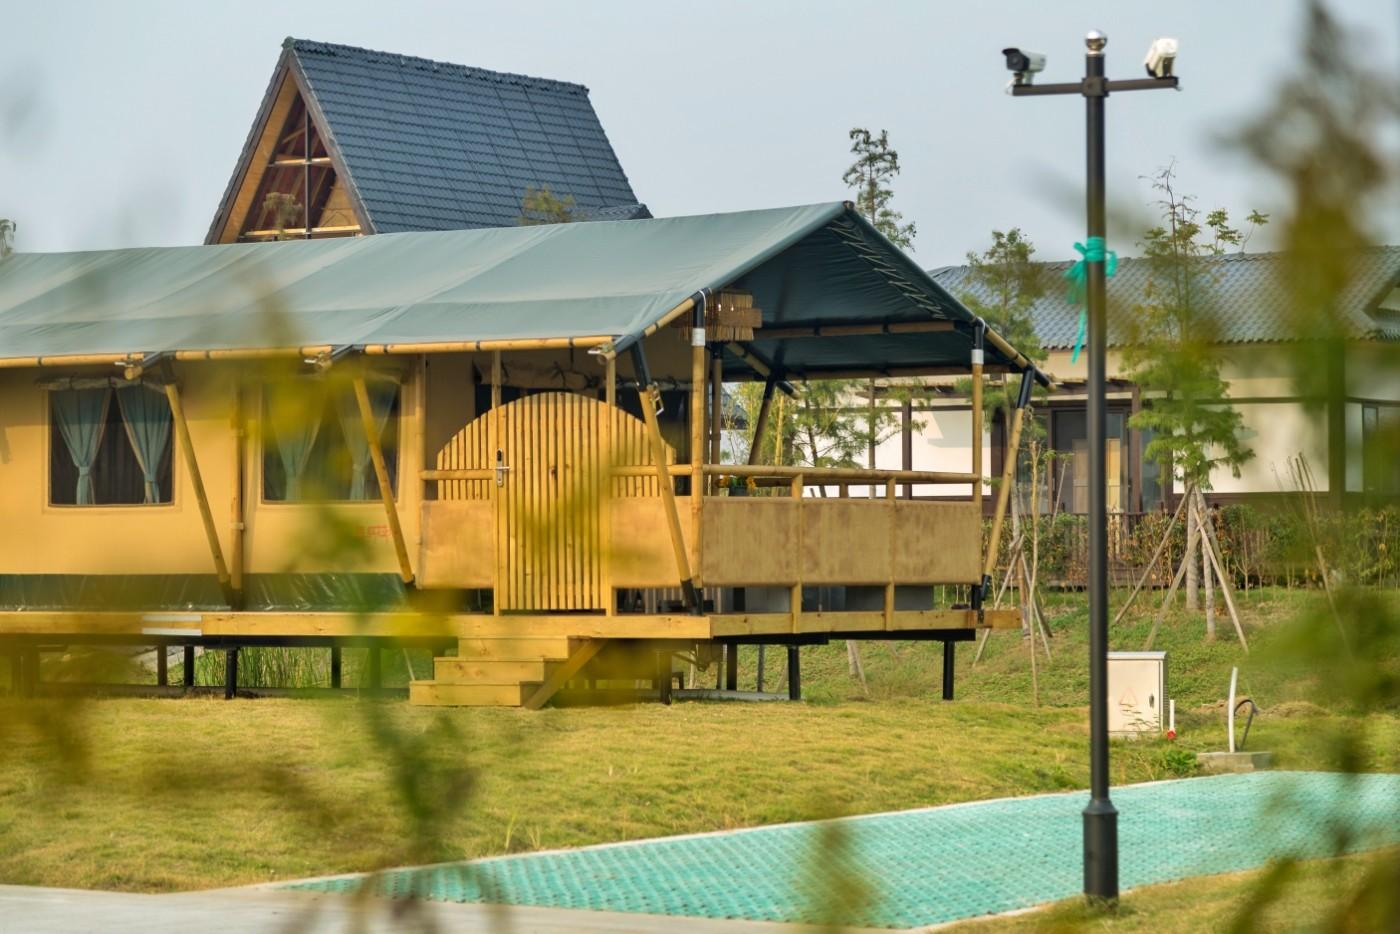 喜马拉雅野奢帐篷酒店—浙江留香之家露营地(54平)5